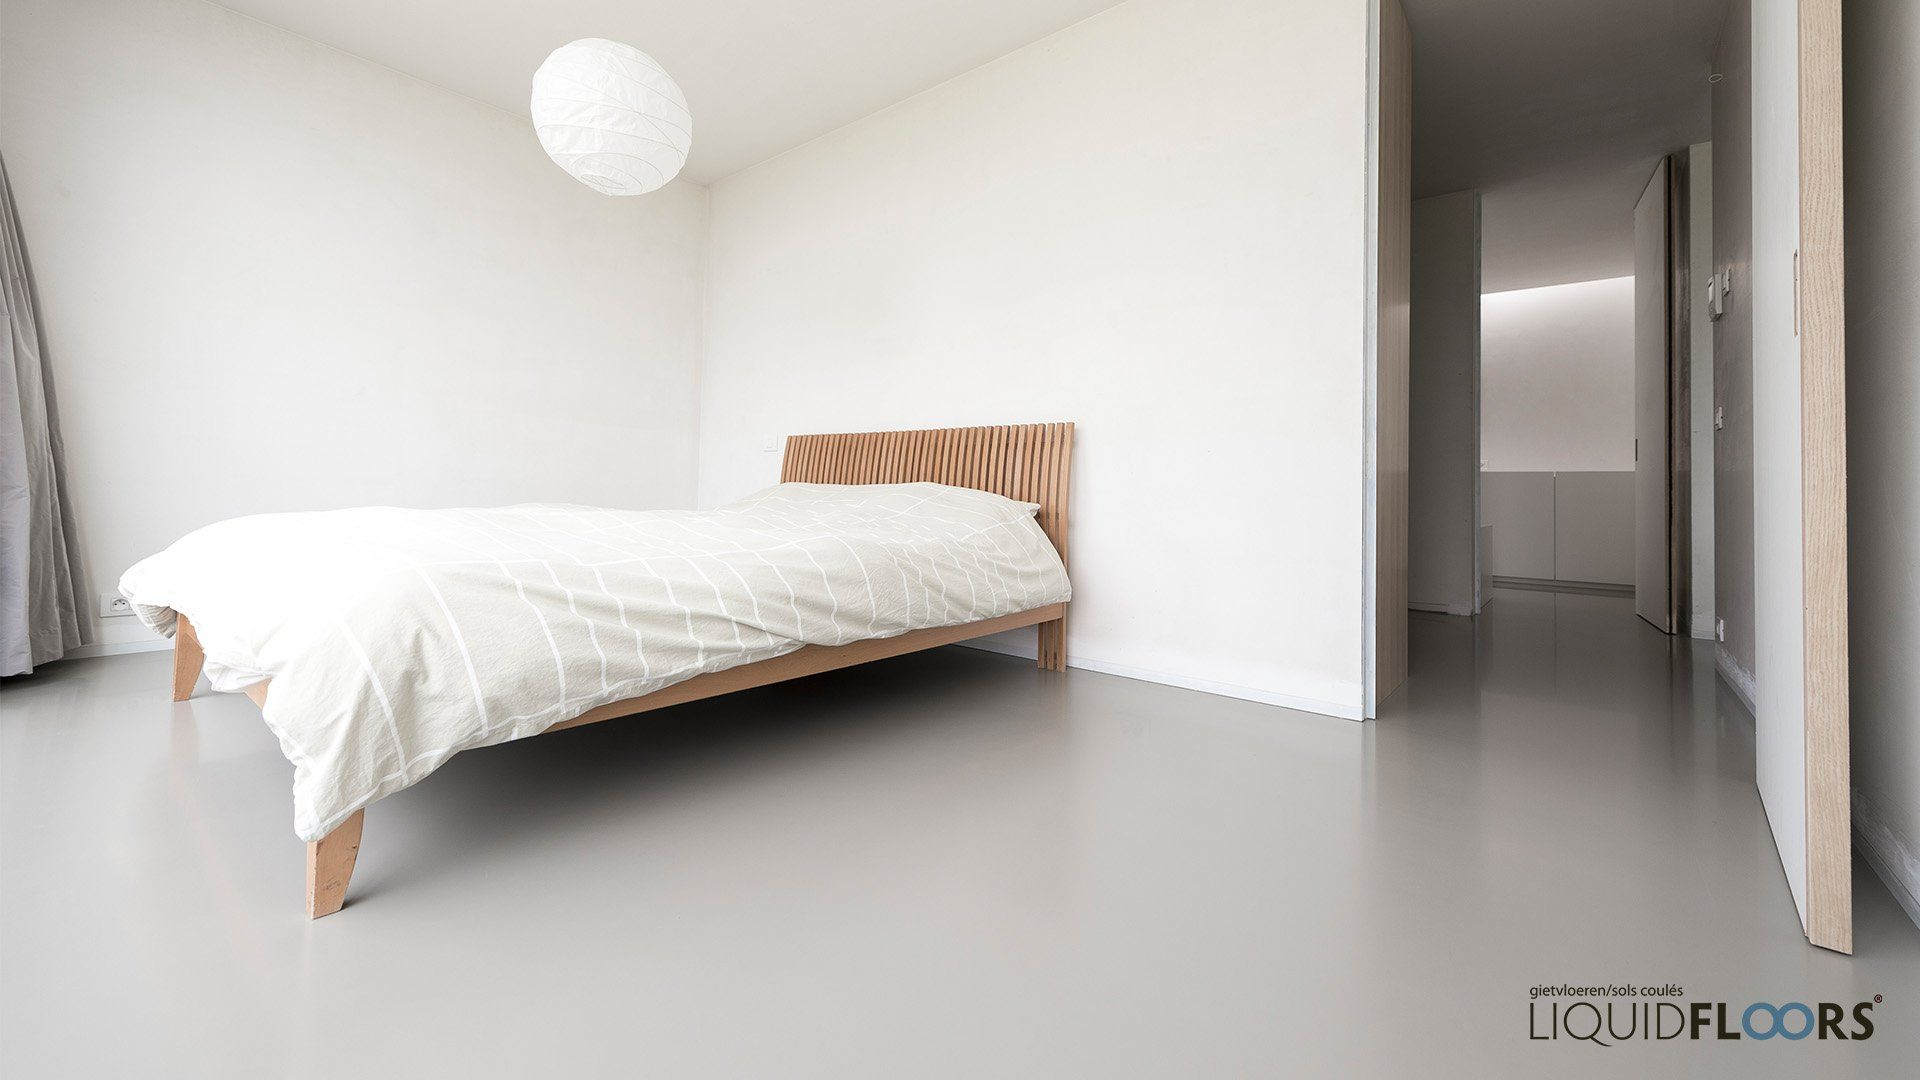 Vloer Slaapkamer Vloerverwarming : Slaapkamer grijze bruine gietvloer epoxy kunstharsvloer betonlook